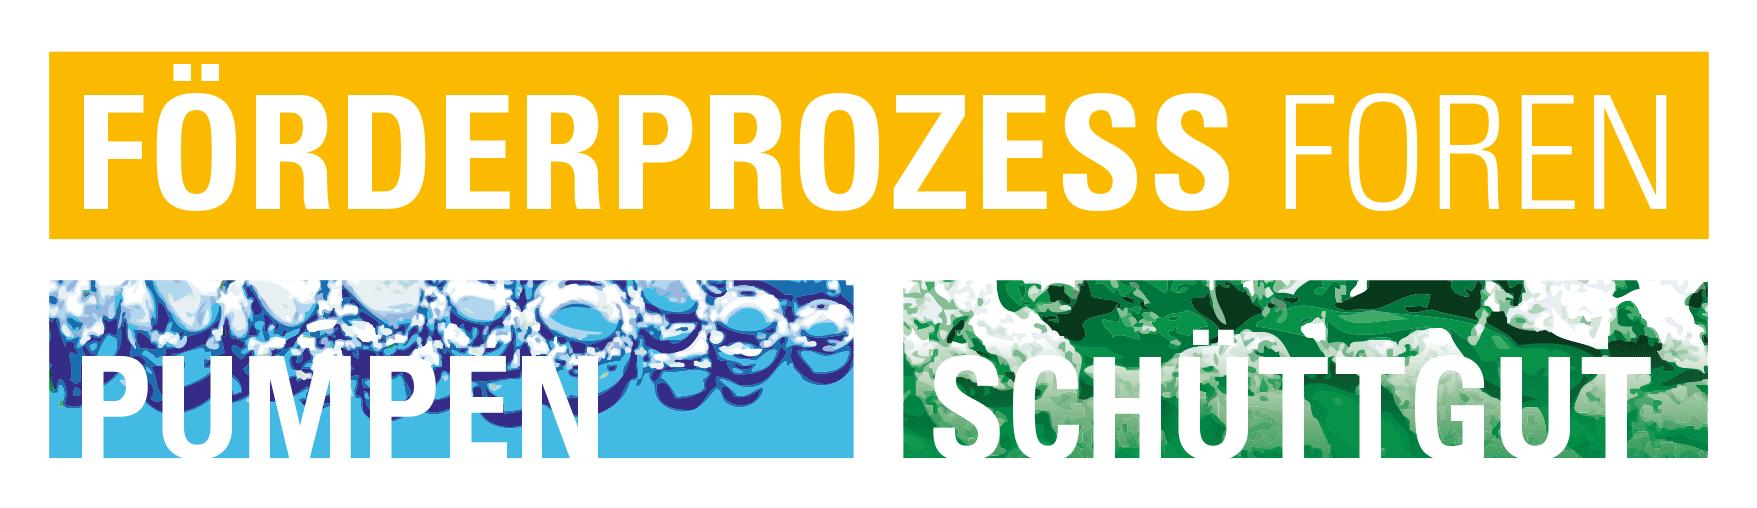 Pumpen-Forum 2019 in Würzburg